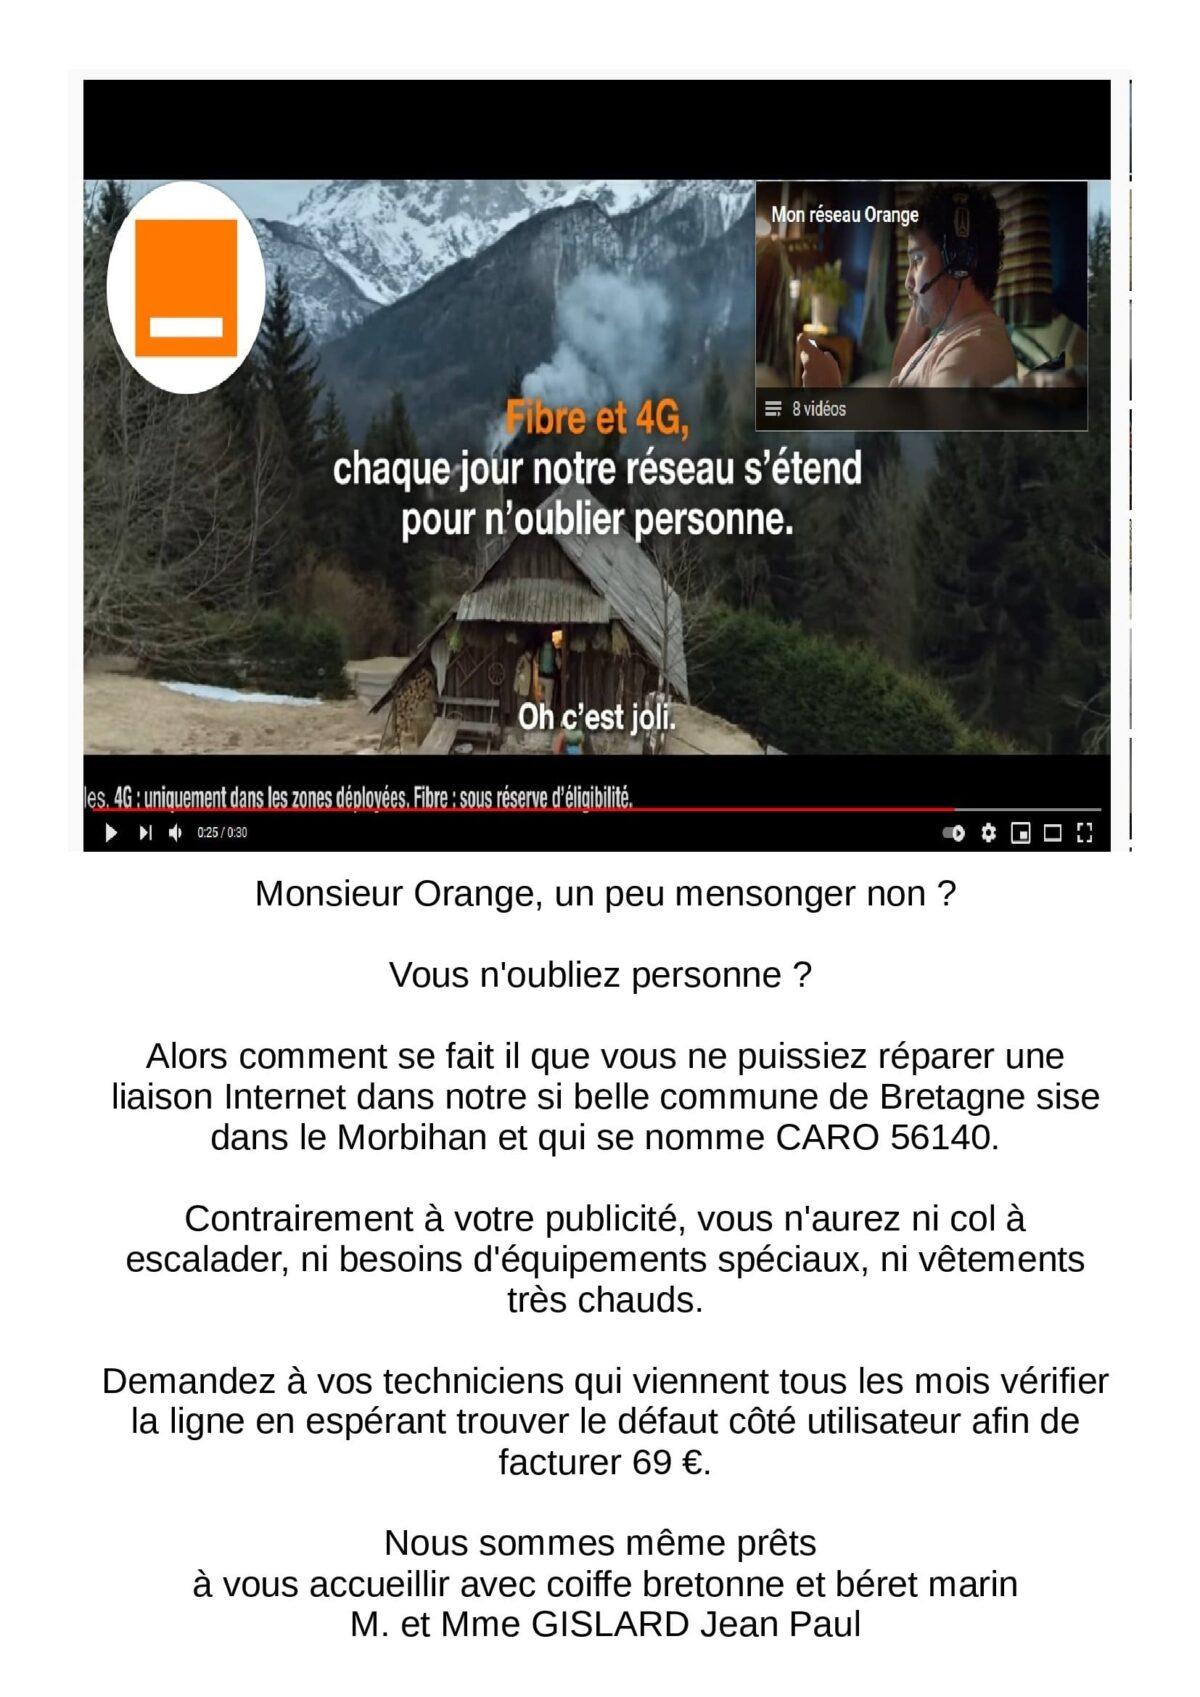 à Caro, Morbihan : chaque jour le réseau Orange s'étend pour n'oublier personne !